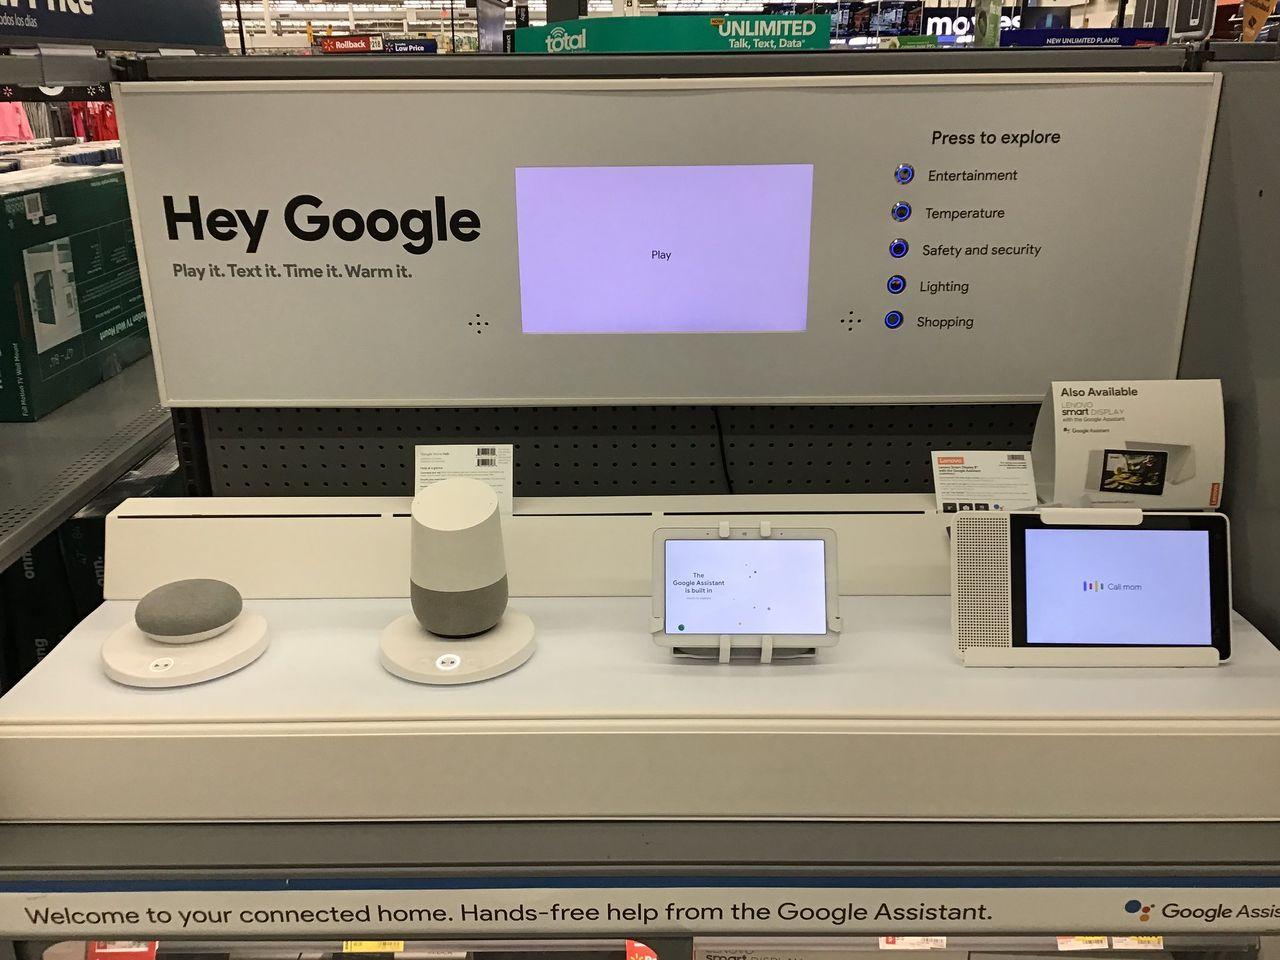 Snart kan vi använda Google Assistant utan